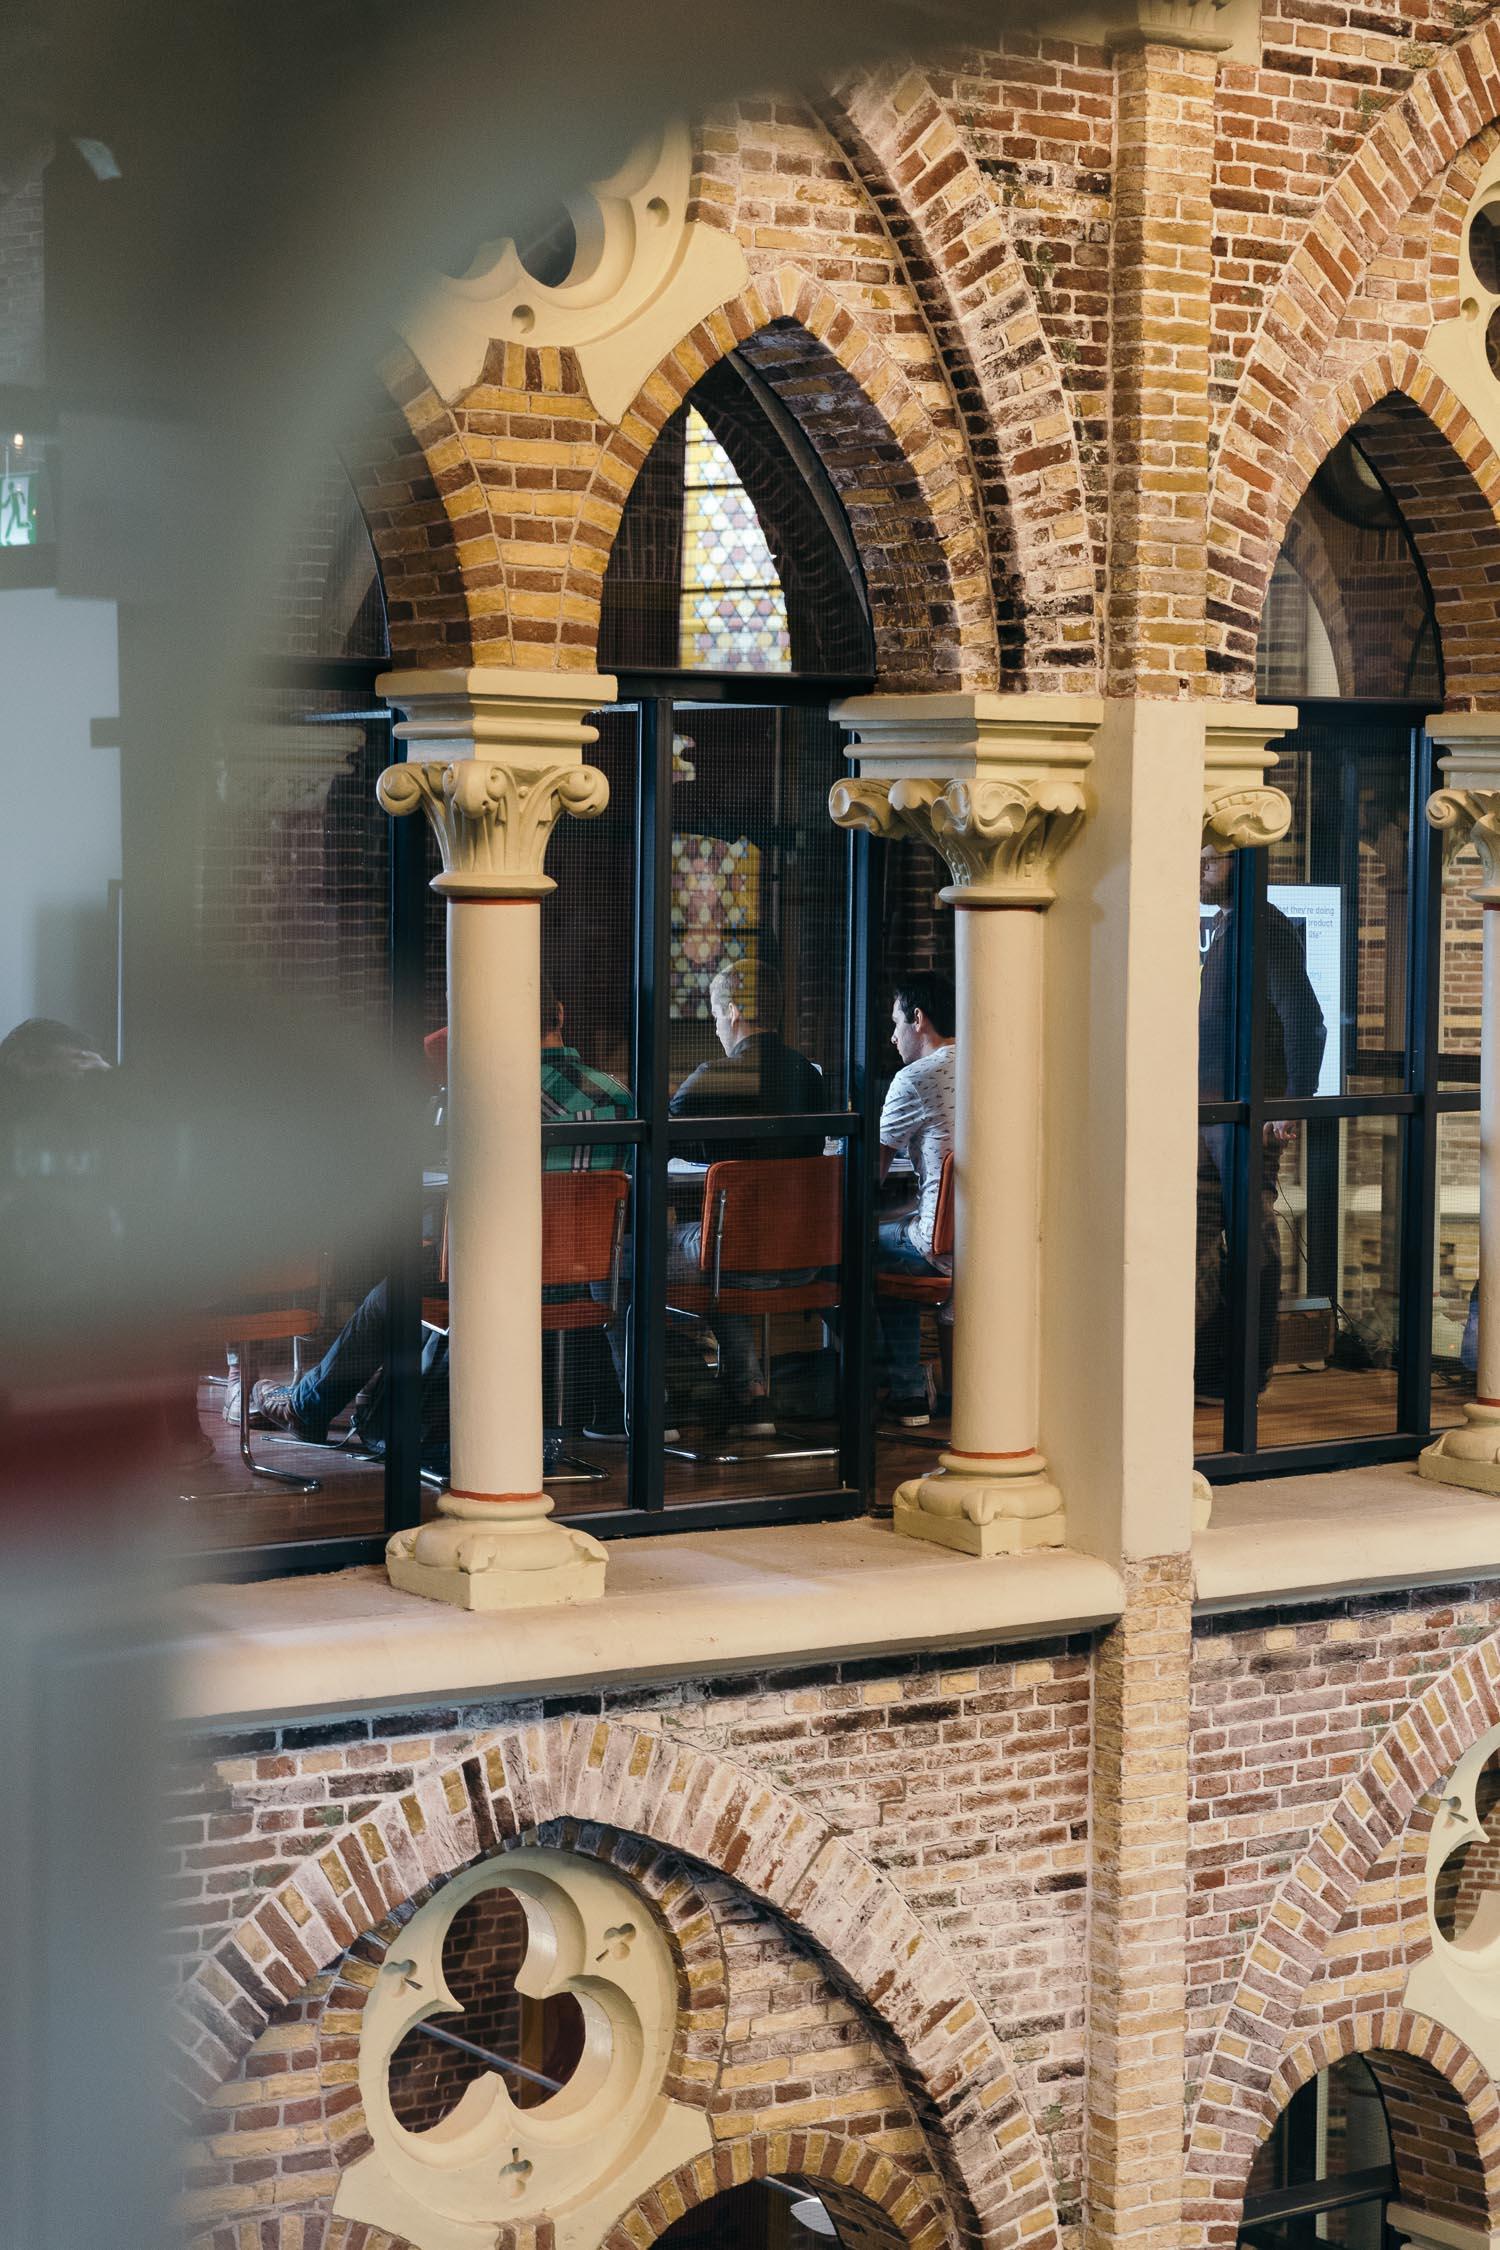 Mara-Zepeda-workshop-Amsterdam-by-On-a-hazy-morning-LR-39.jpg